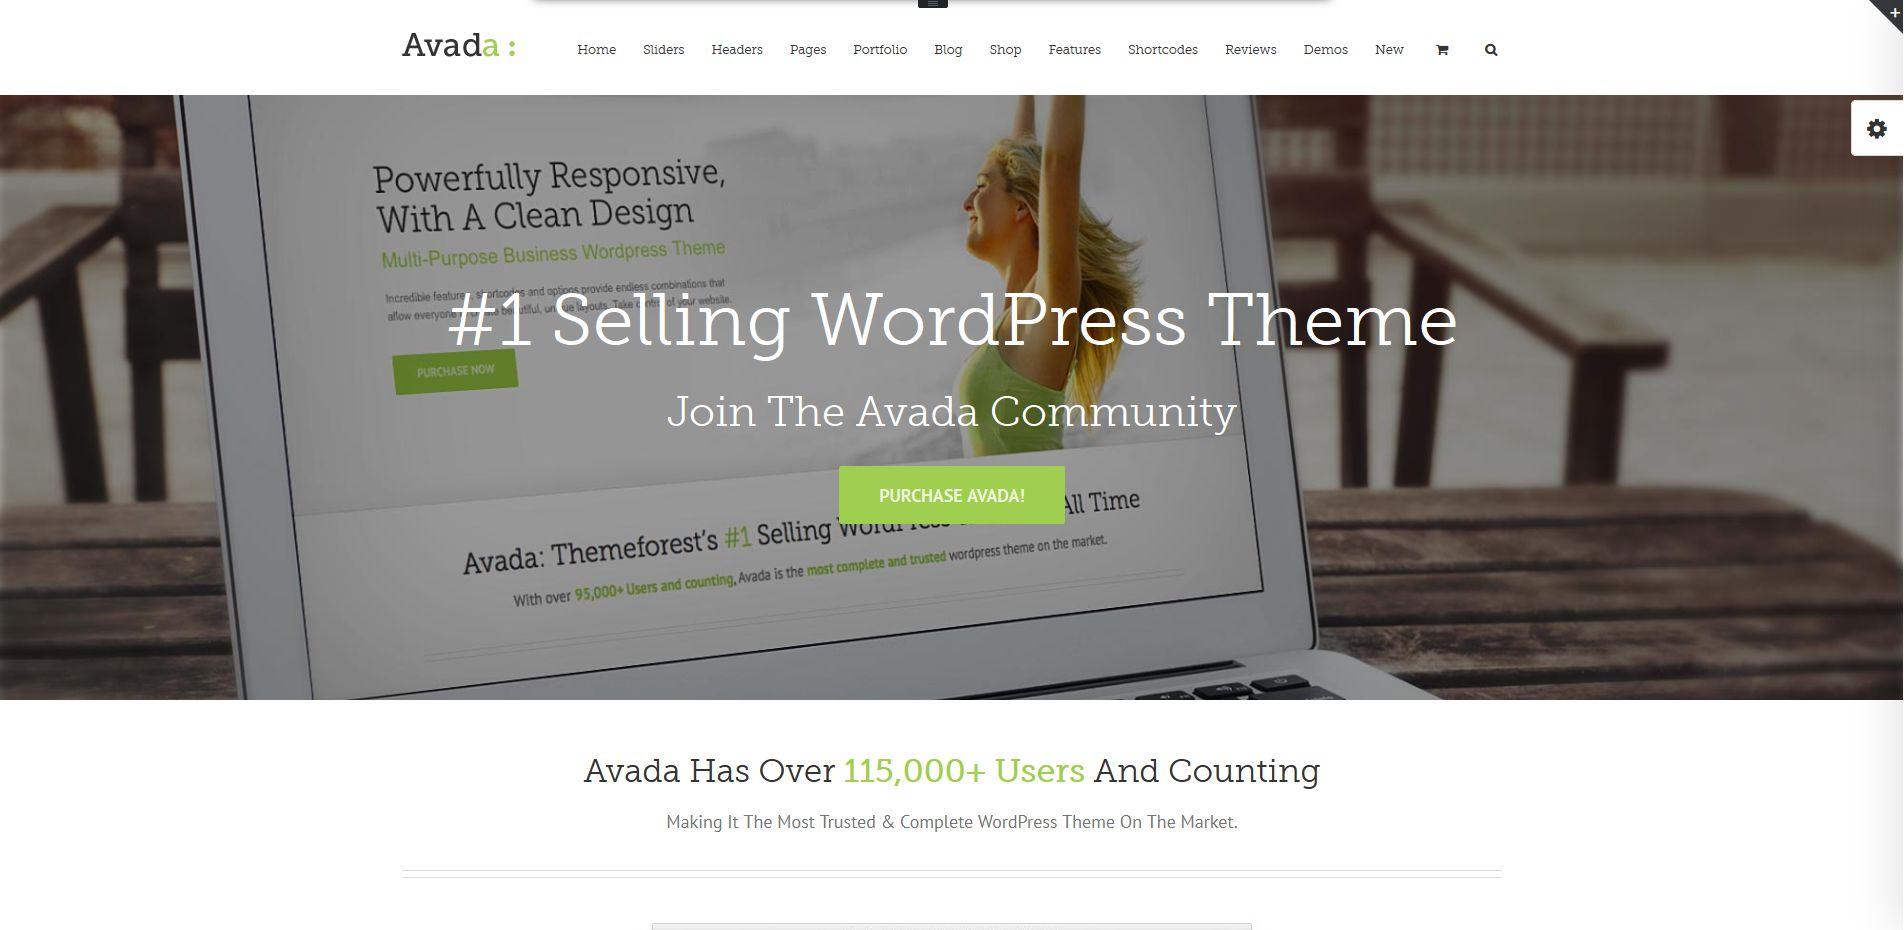 Das Wordpress Avada Theme - Alle Einstellungen